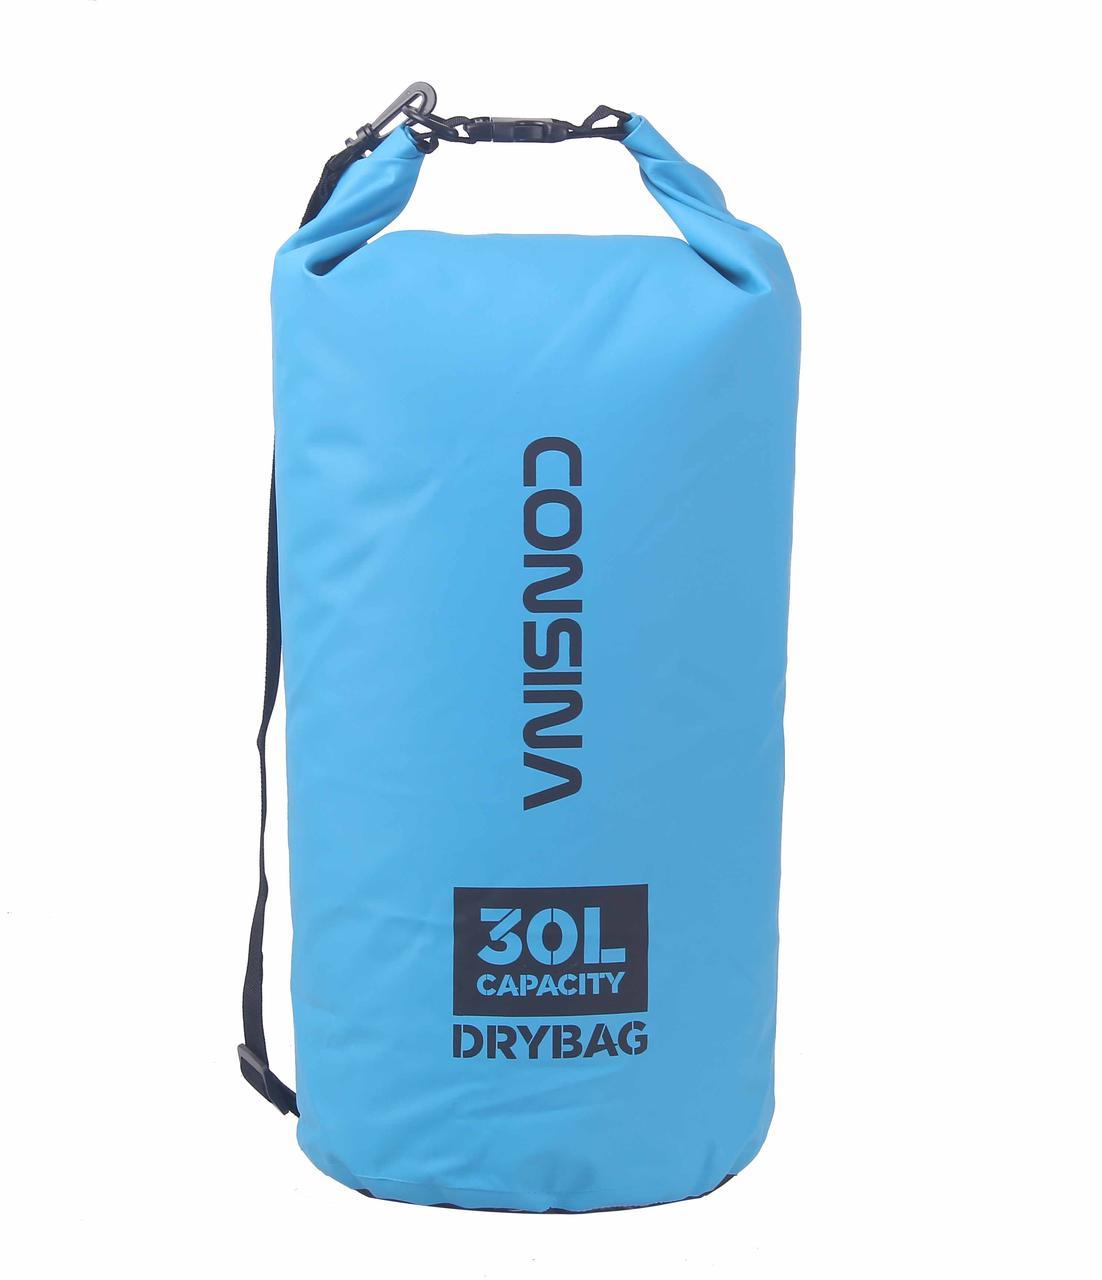 Сумка водонепроницаемая Consina голубая 30L